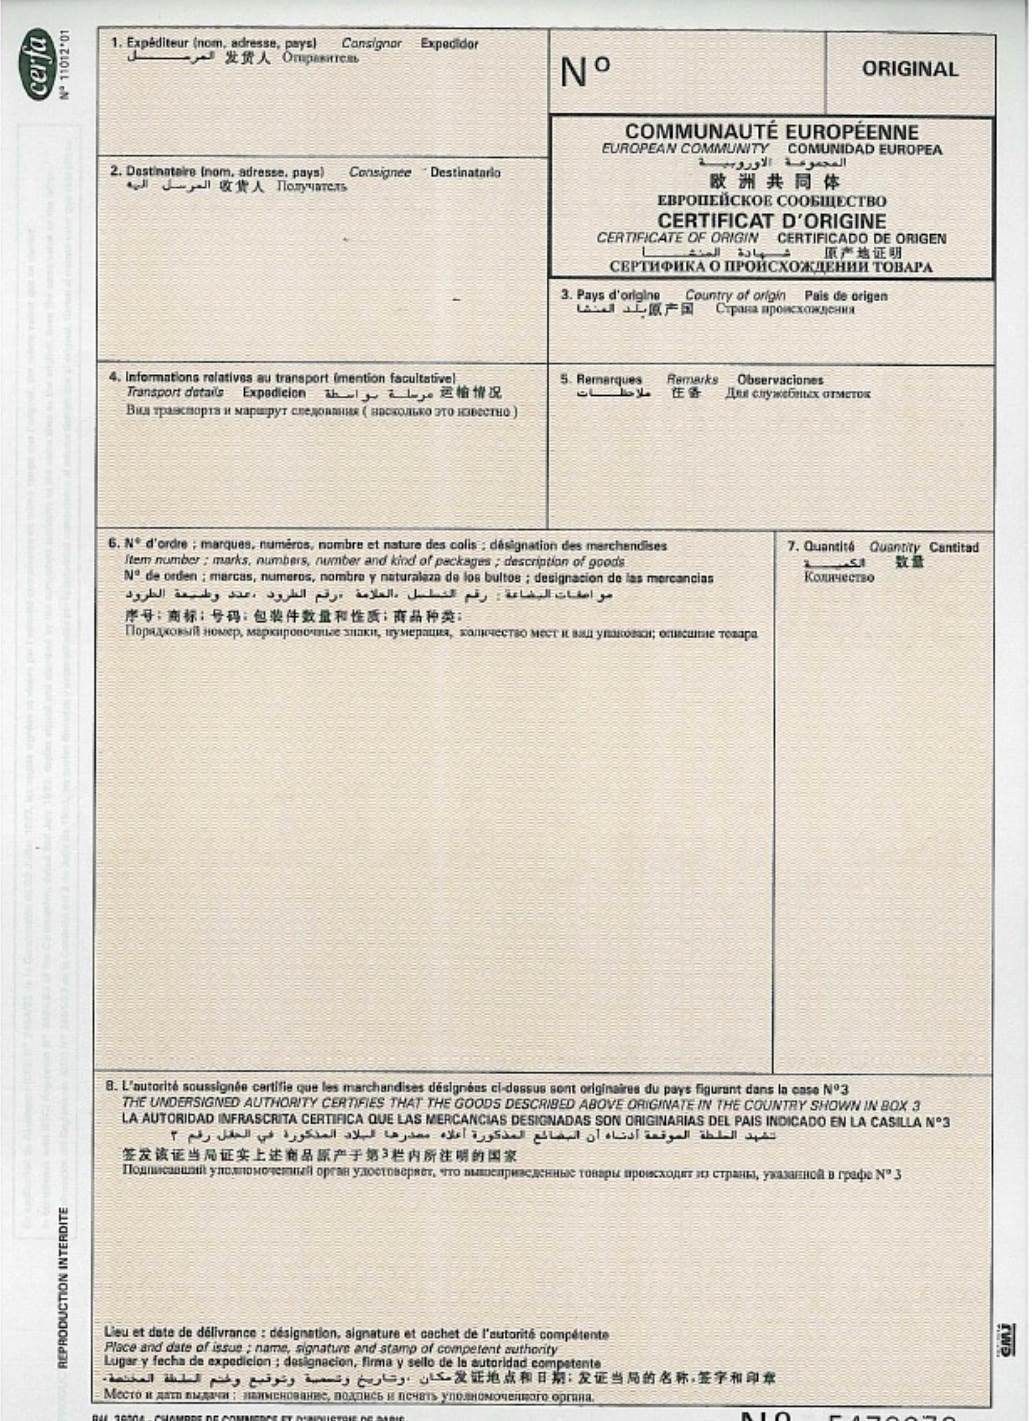 Le certificat d origine communautaire bretagne commerce - Certificat d origine chambre de commerce ...